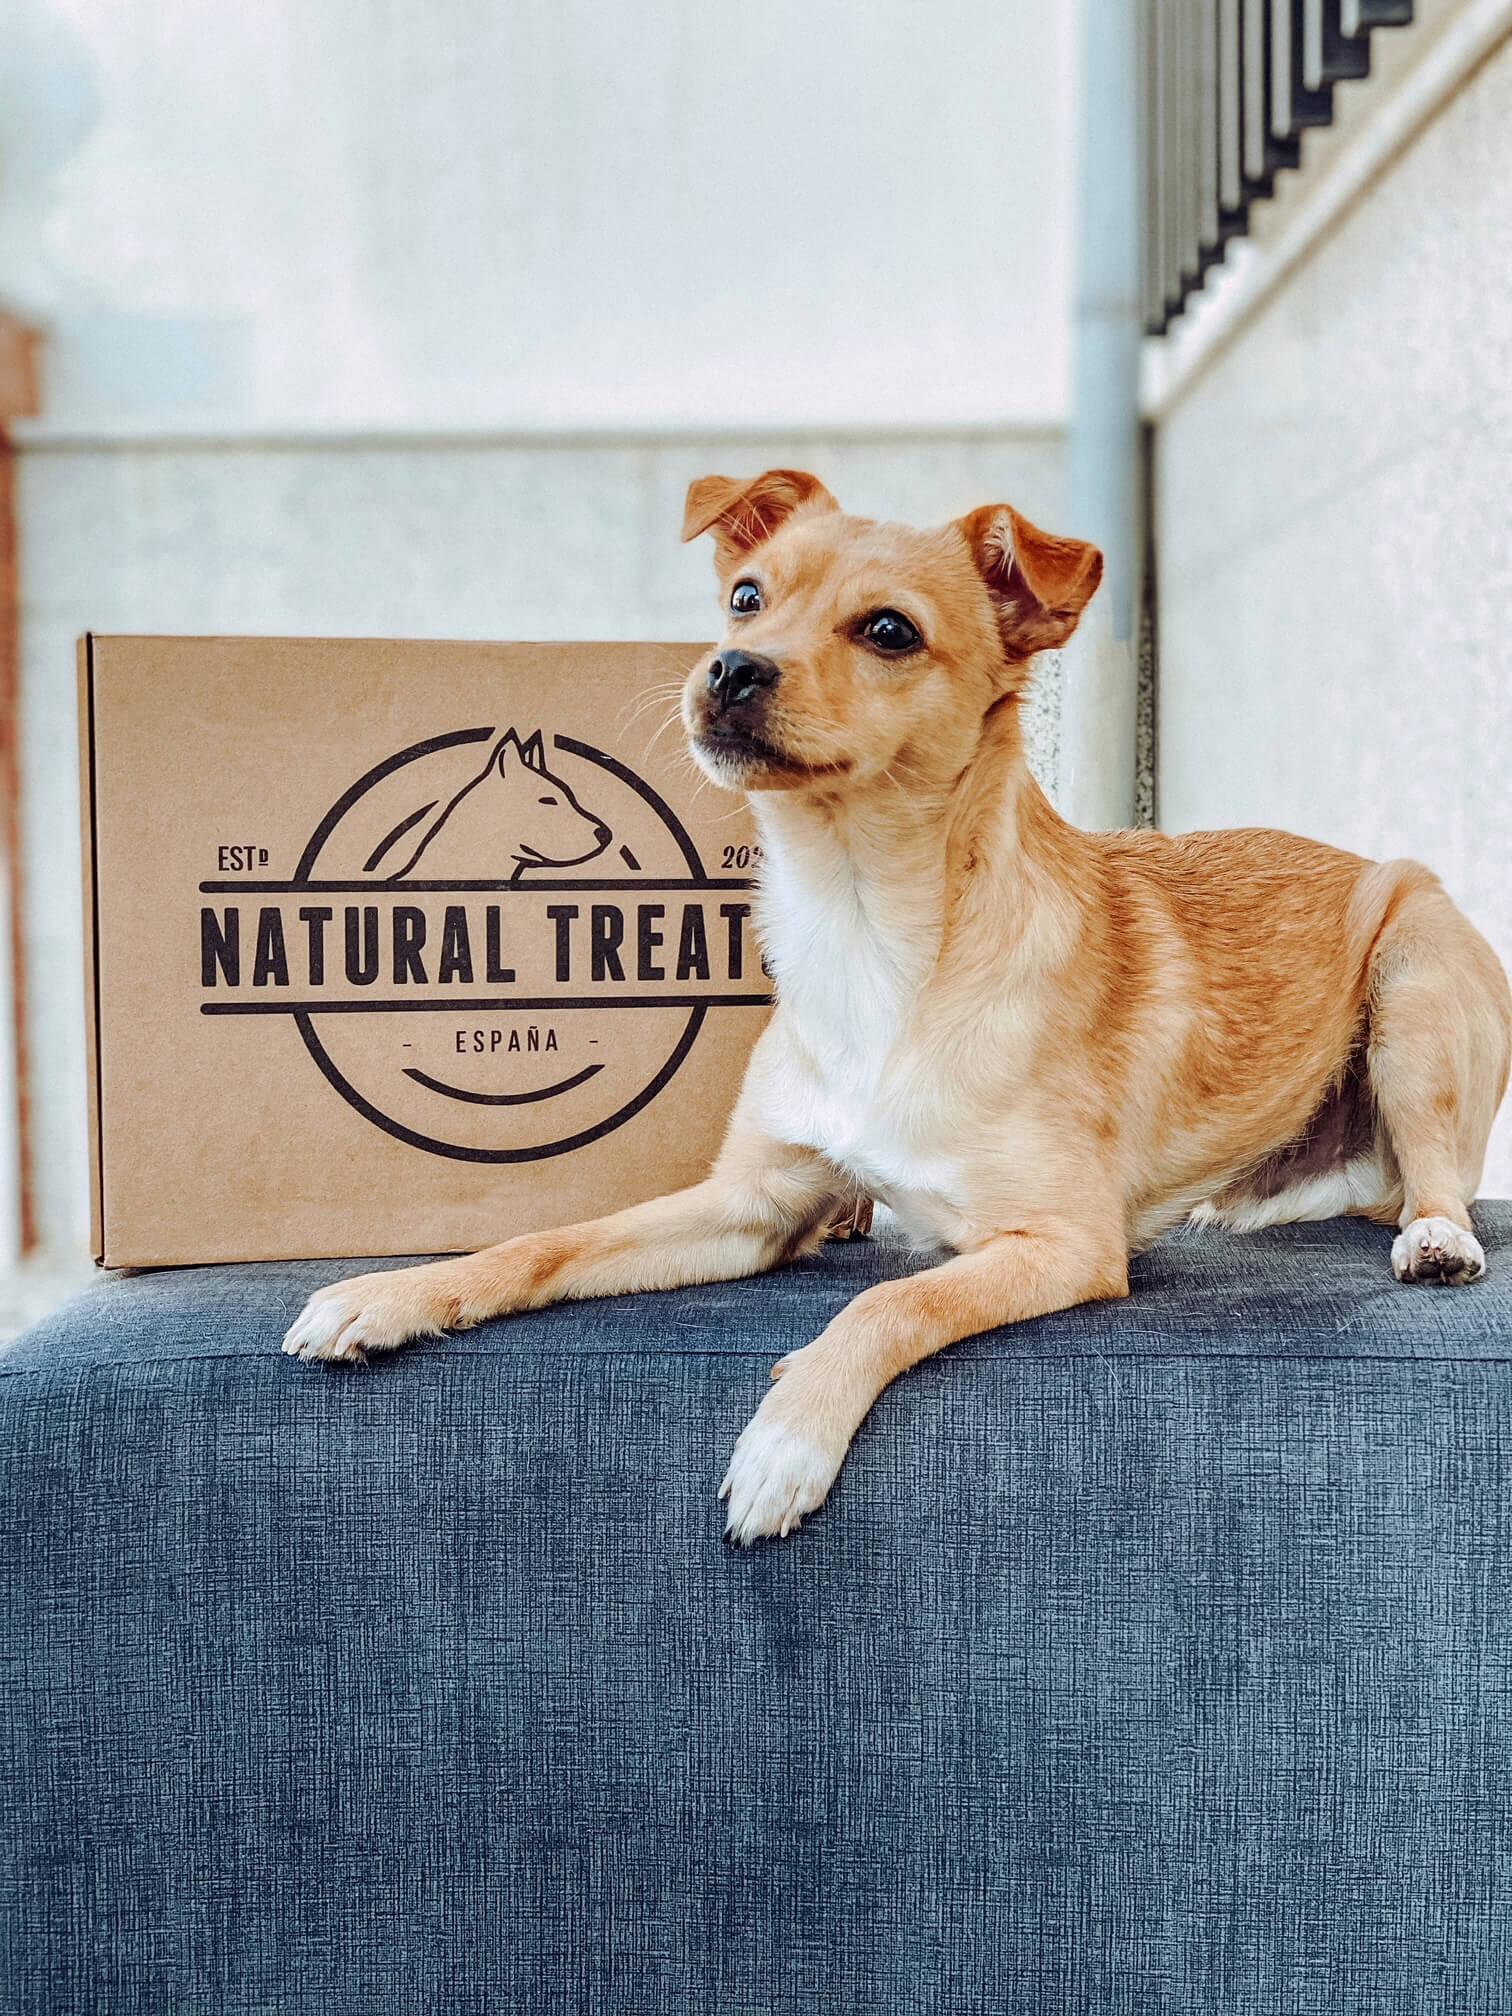 un perrito posa junto a una caja postal